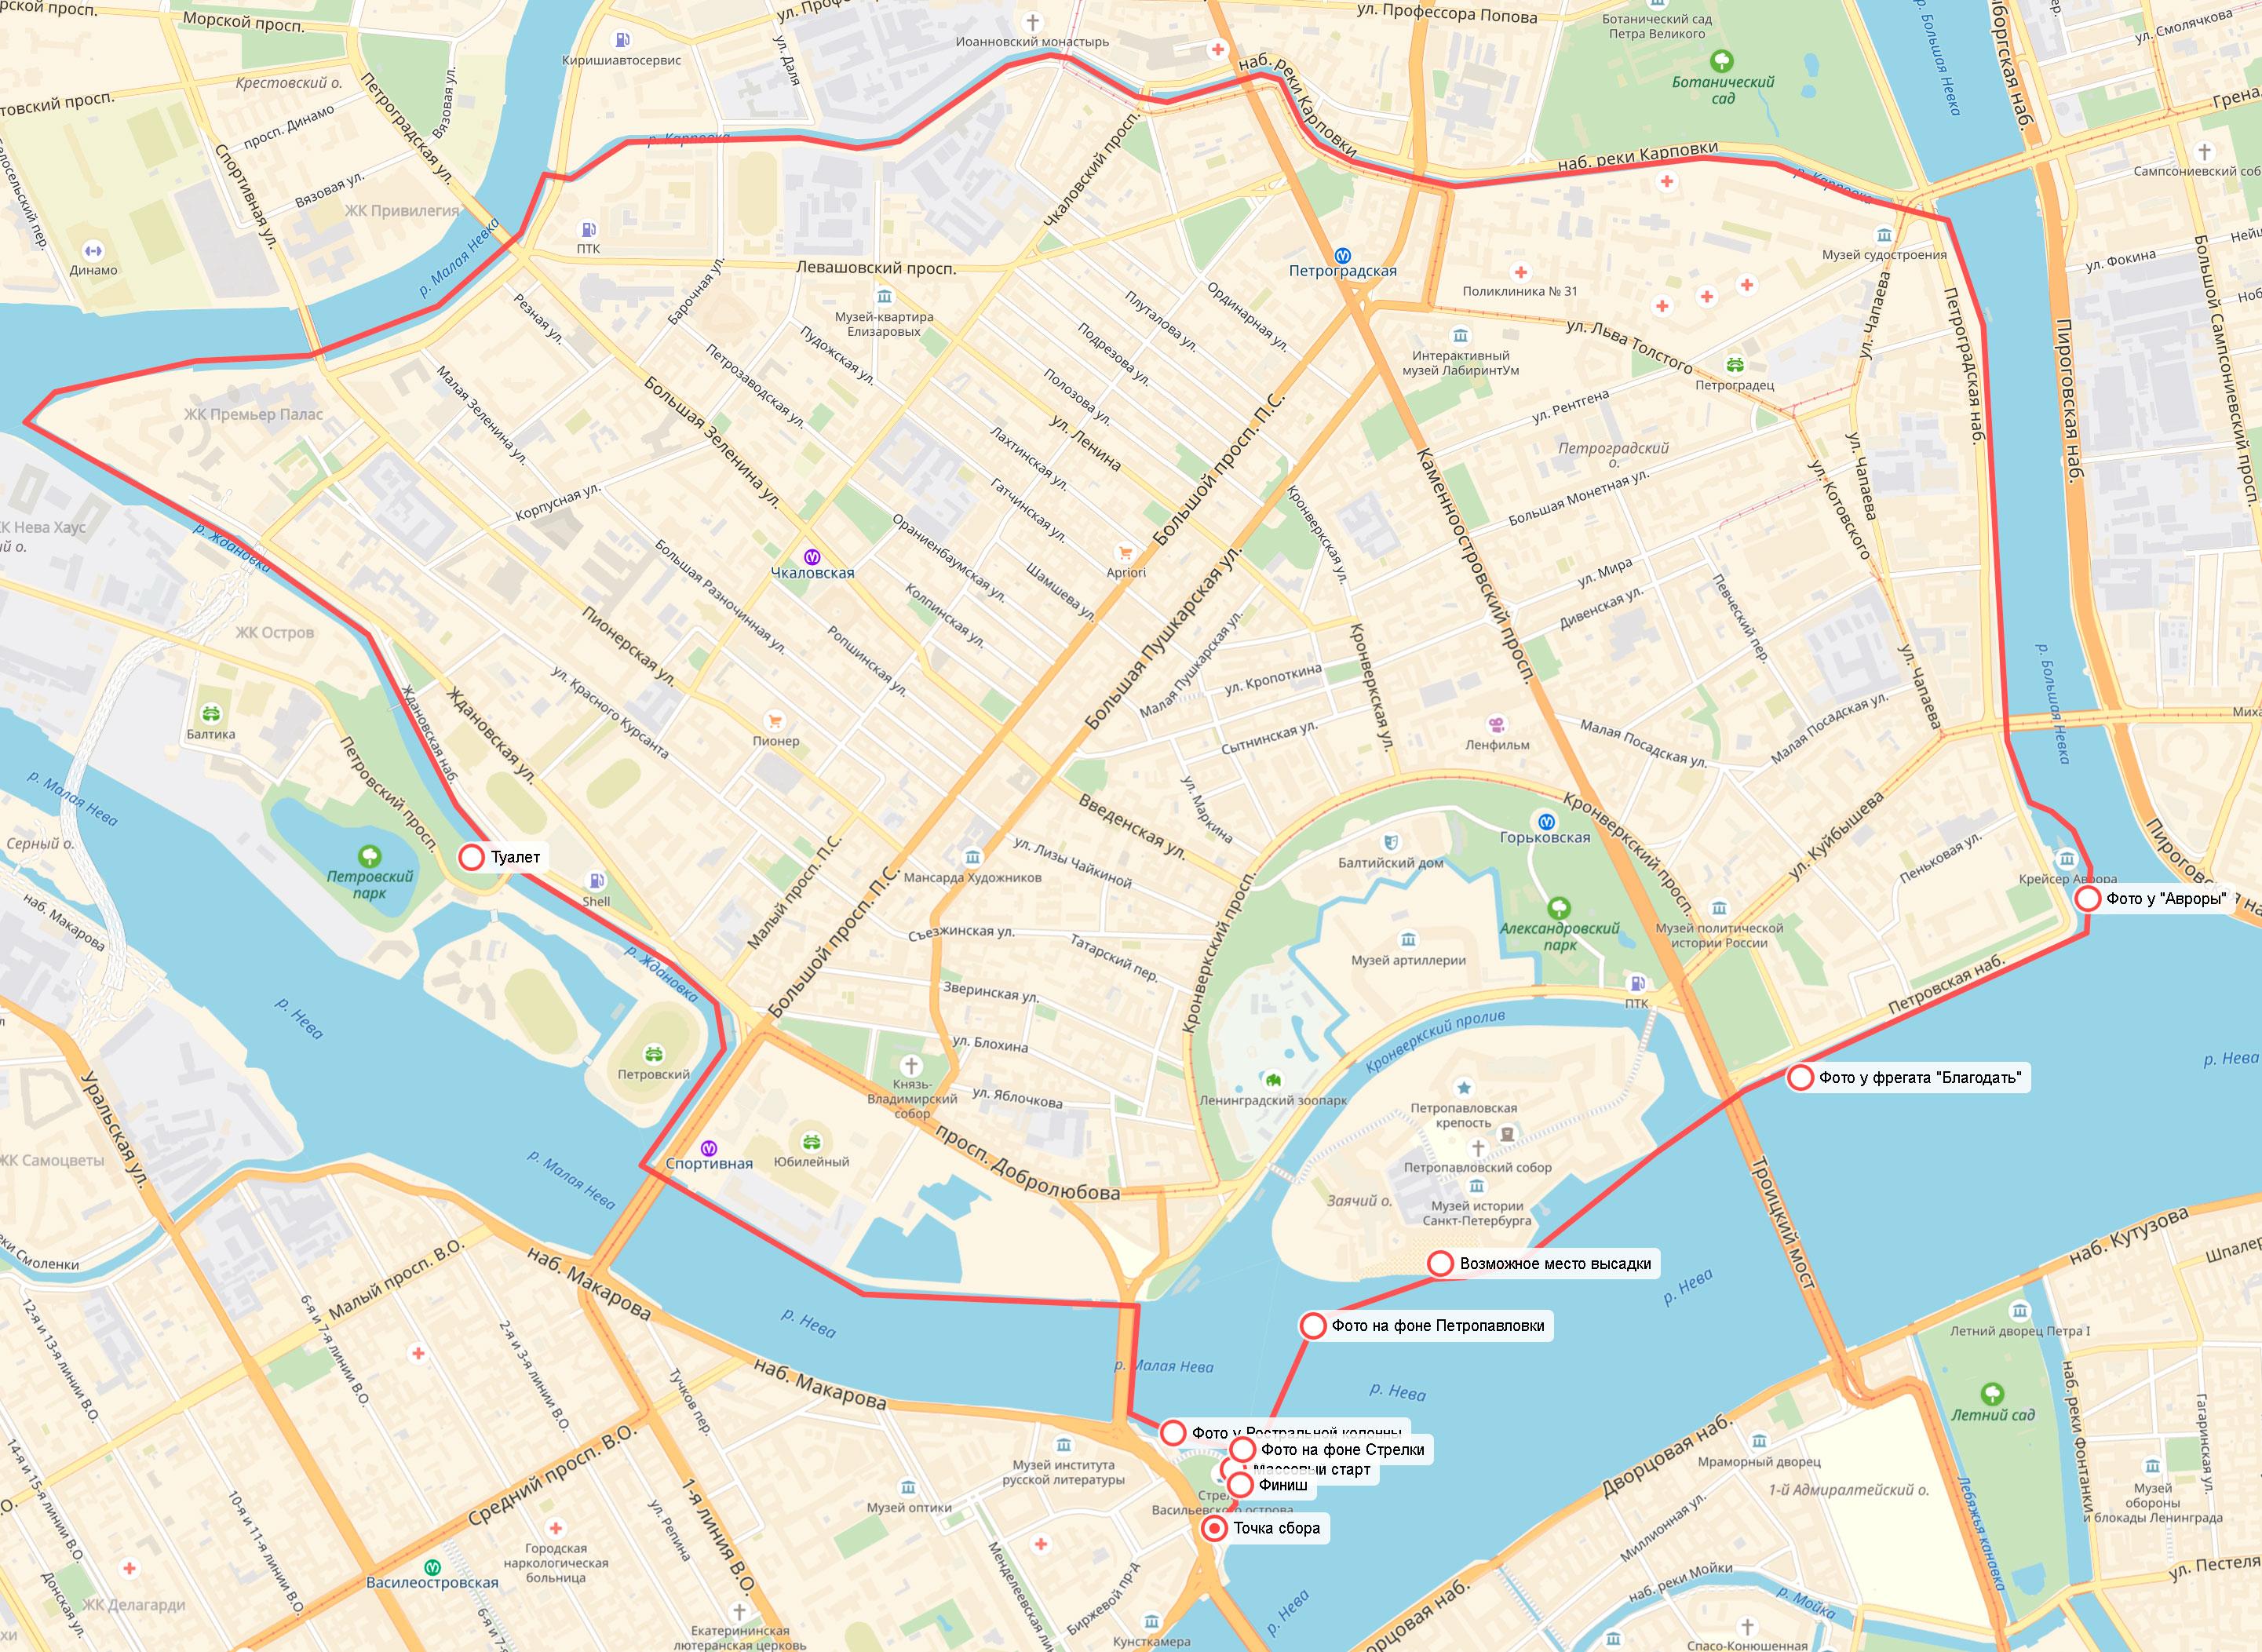 Открытие сезона по рекам и каналам Санкт-Петербурга на каяках и байдарках: карта маршрута Каменный остров